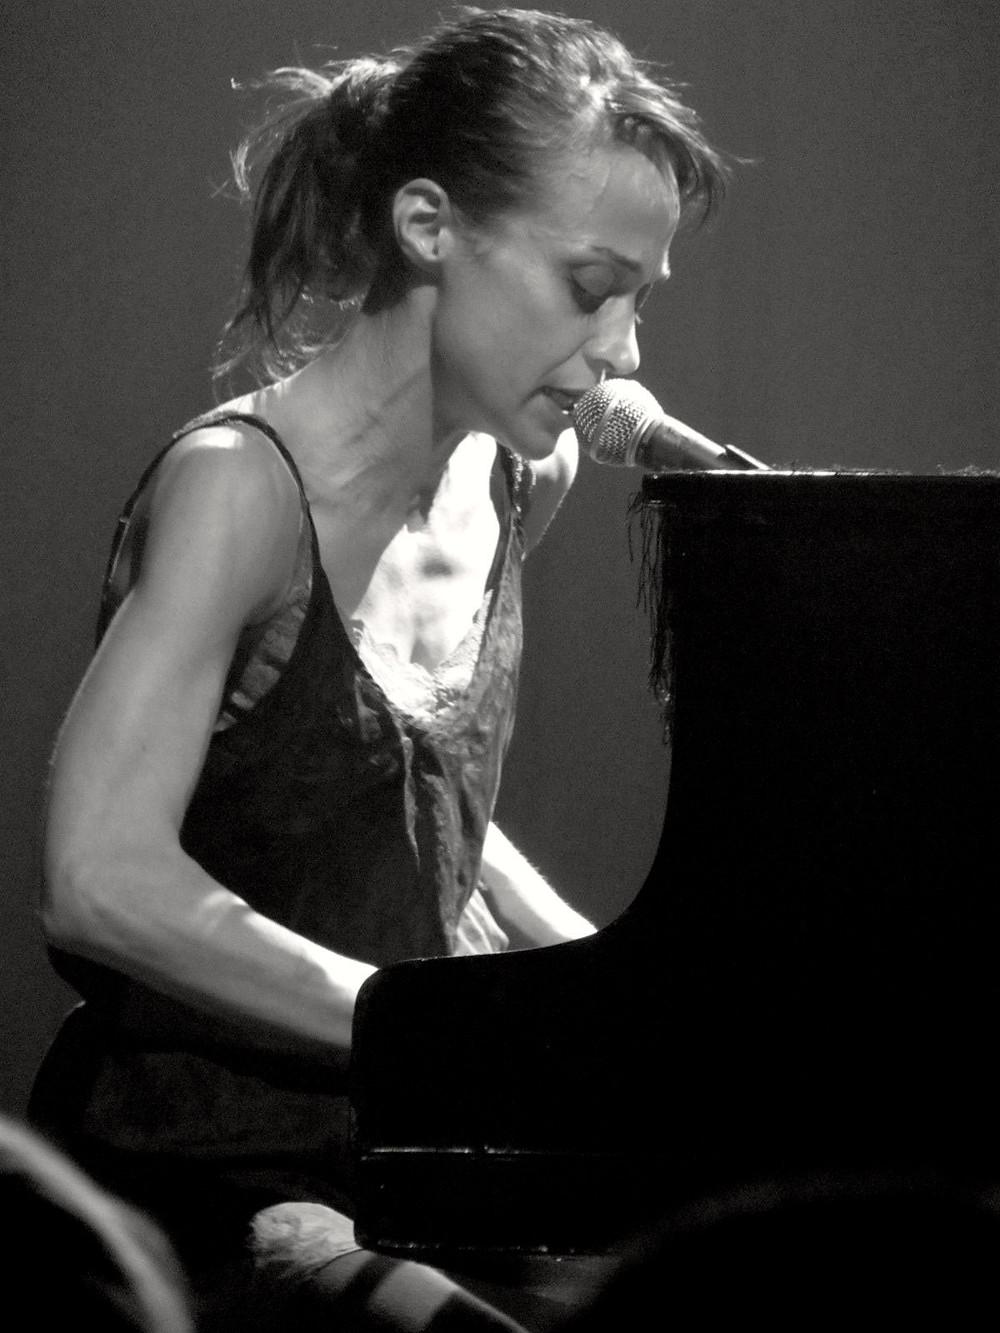 A cantora Fiona Apple sentada tocando piano em uma apresentação ao vivo